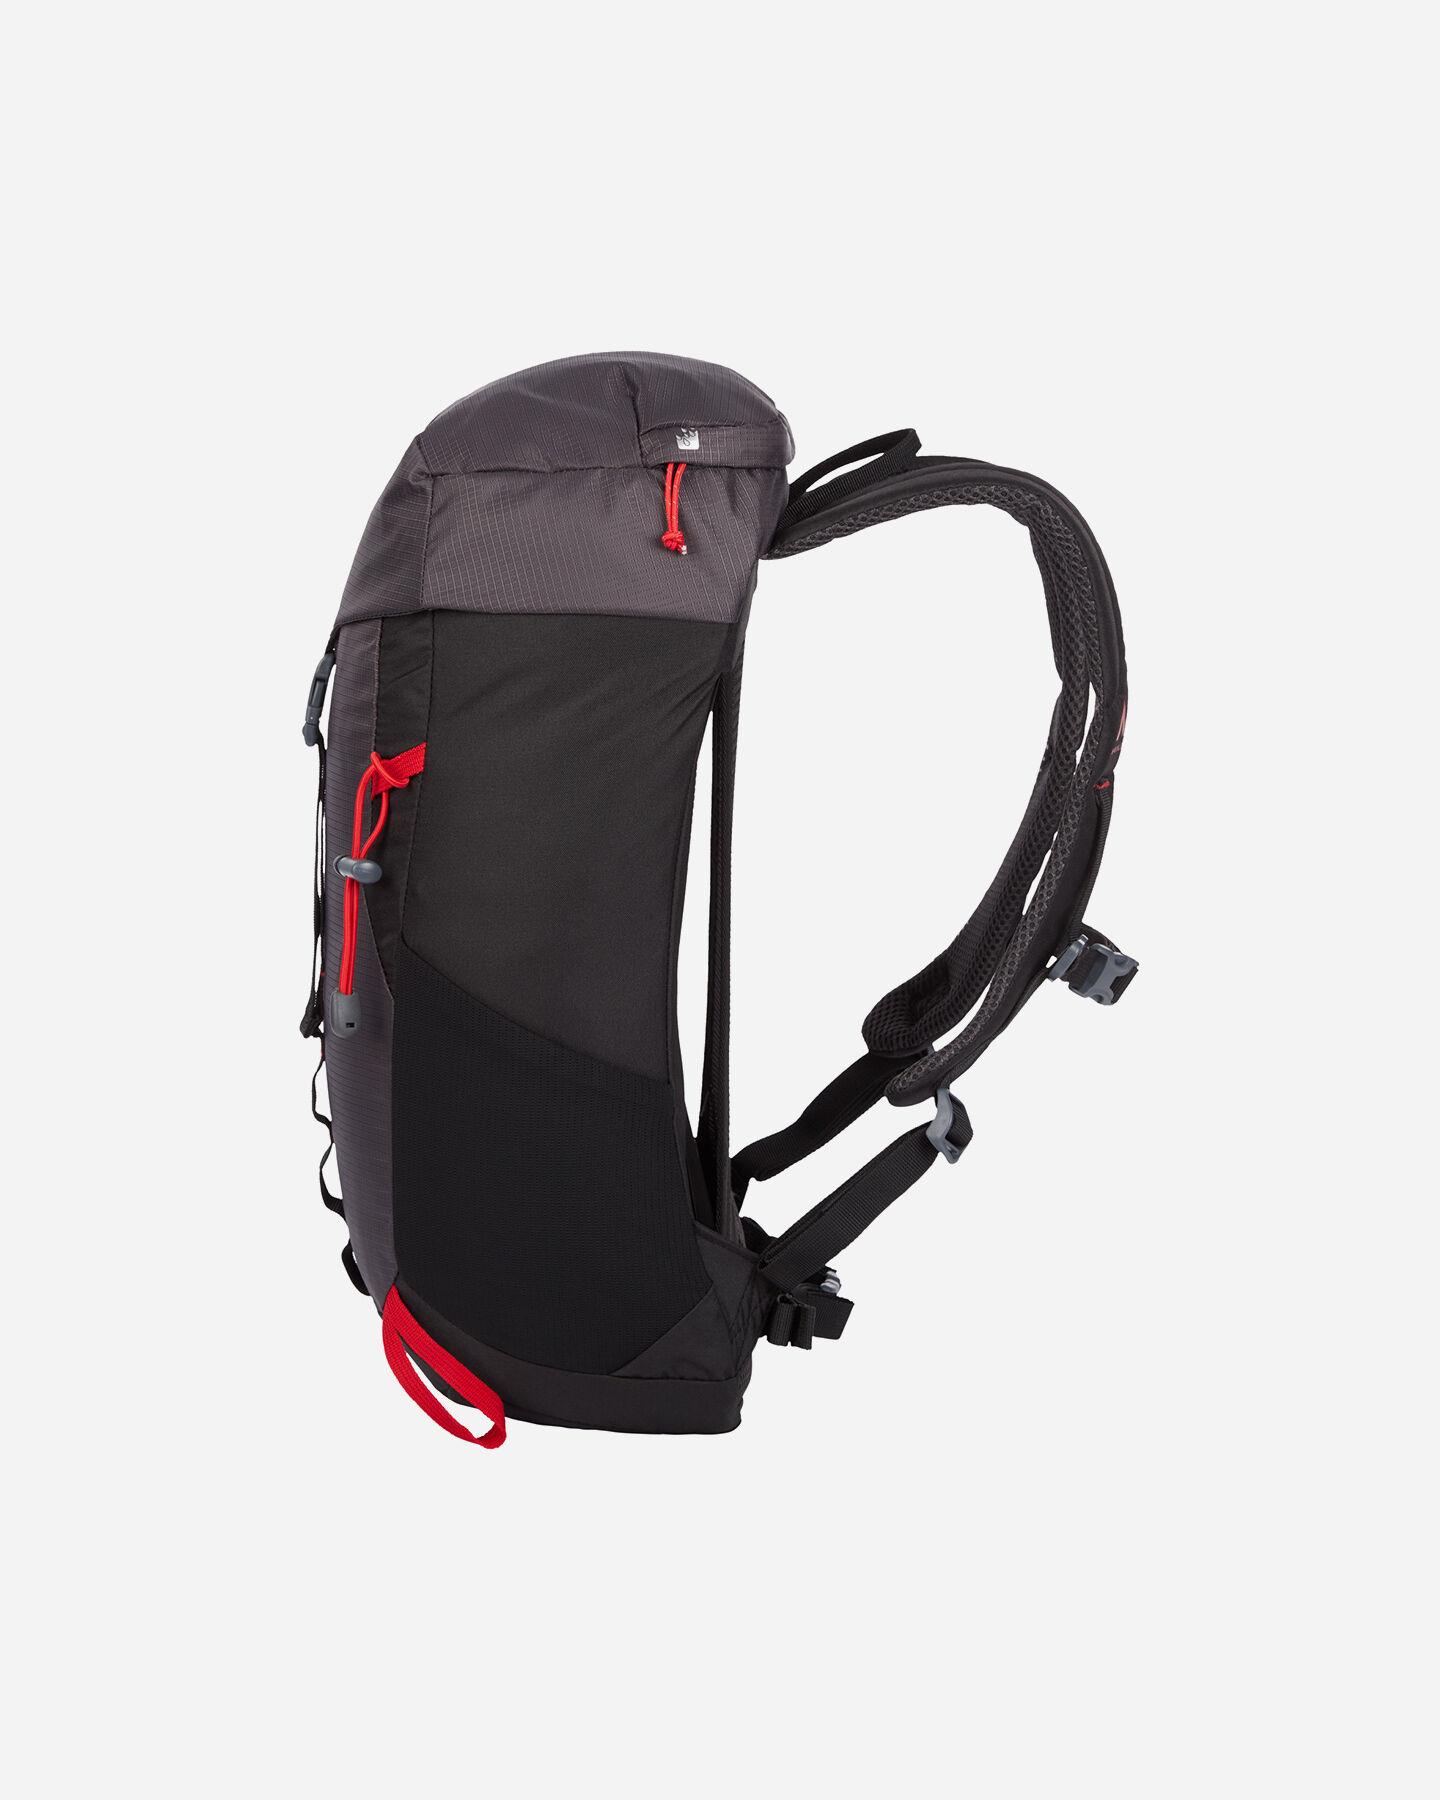 Zaino escursionismo MCKINLEY MINAH VT 18 S5267247 scatto 1